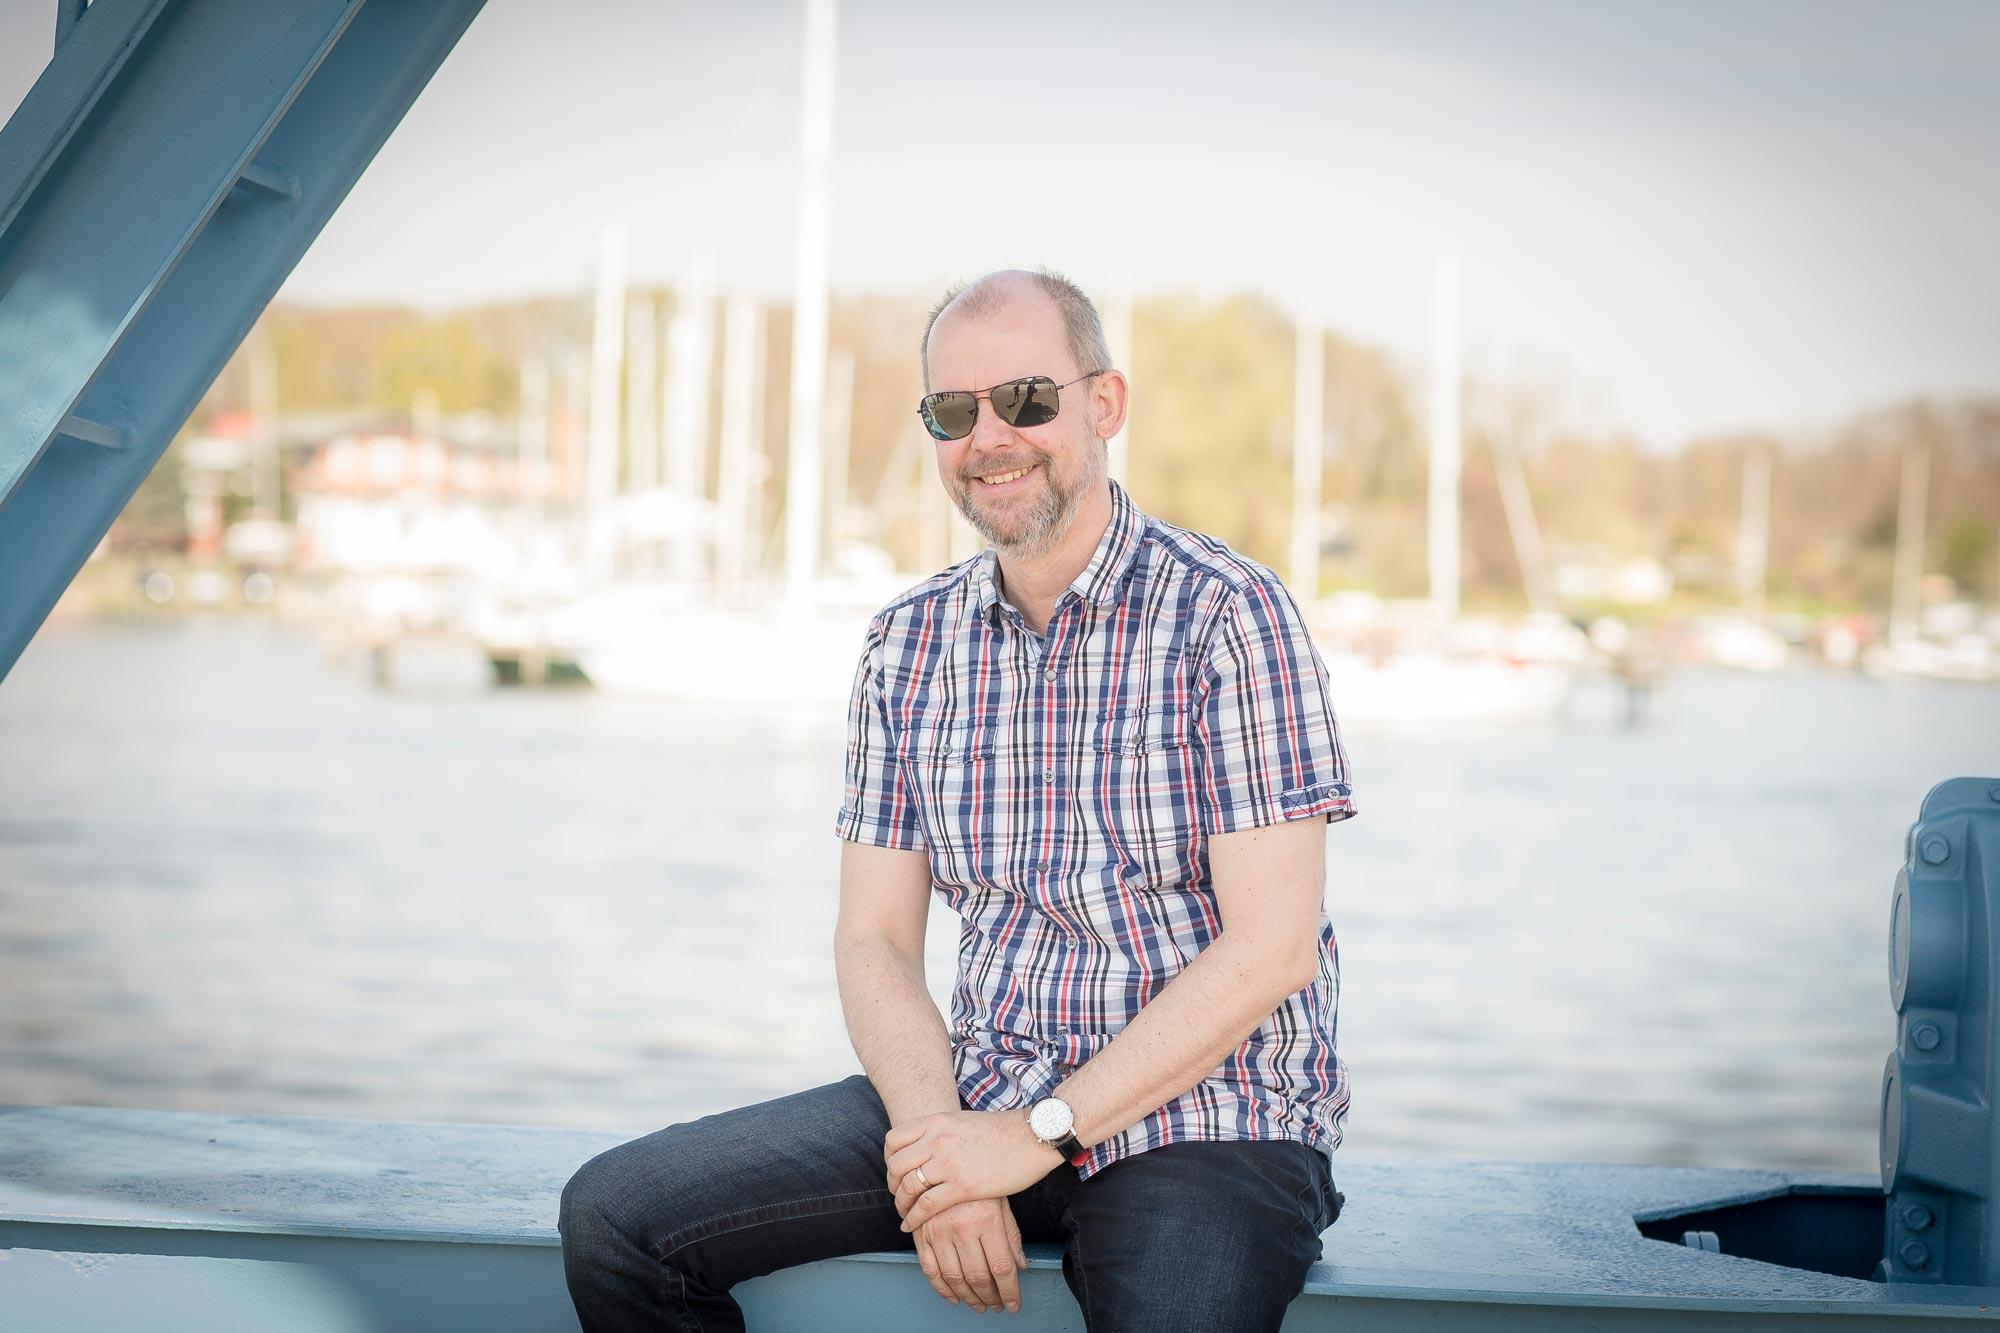 Ralf Baumgarten ist Augenoptikermeister bei Optik Sagawe in Reutershagen - hat hier eine Sonnenbrille von Maui Jim auf